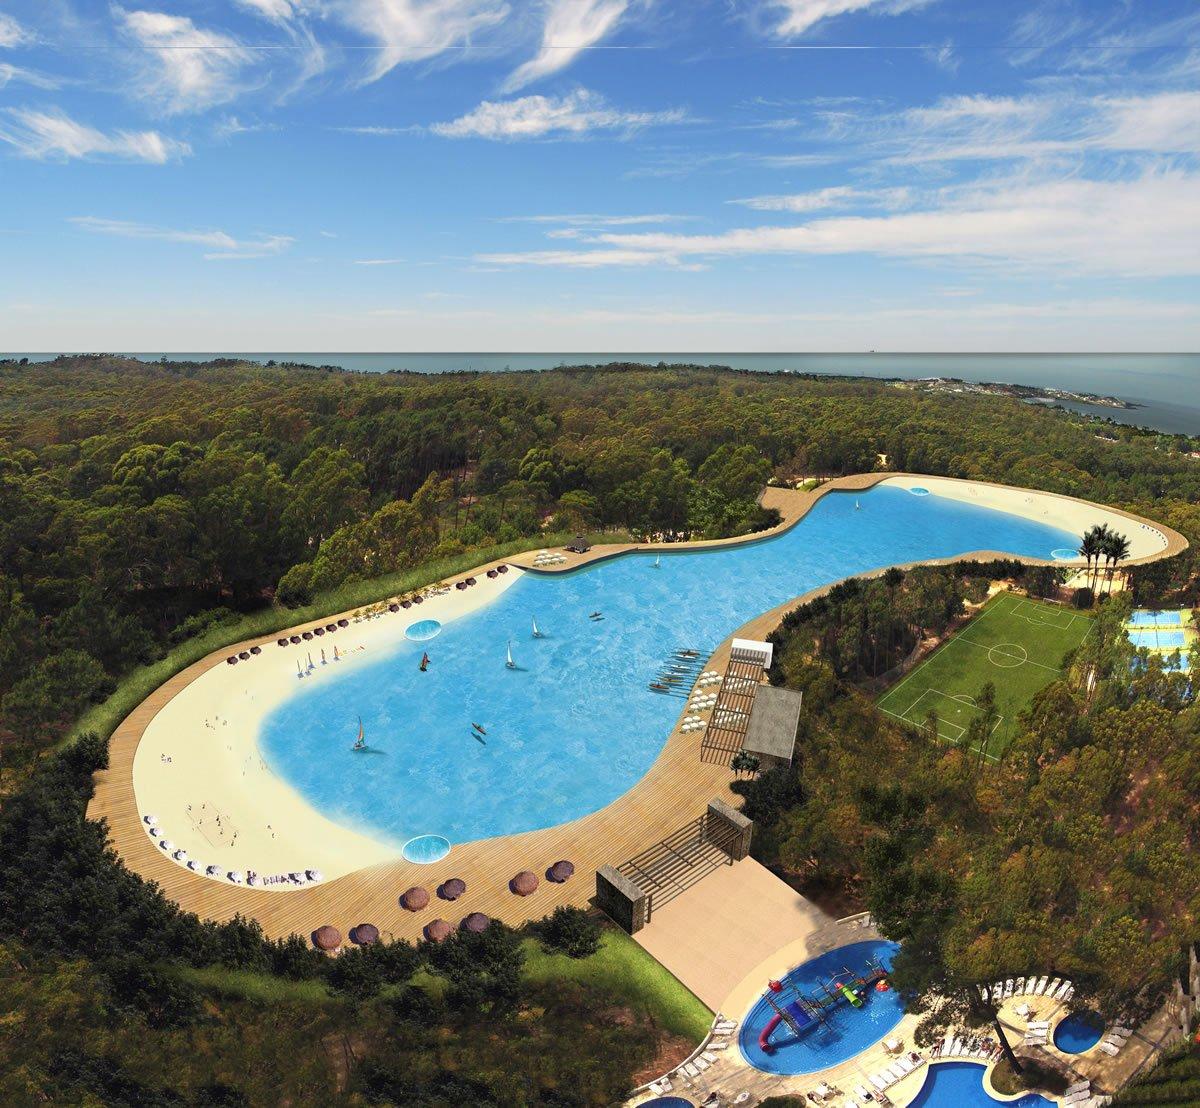 Solanas Vacation Club